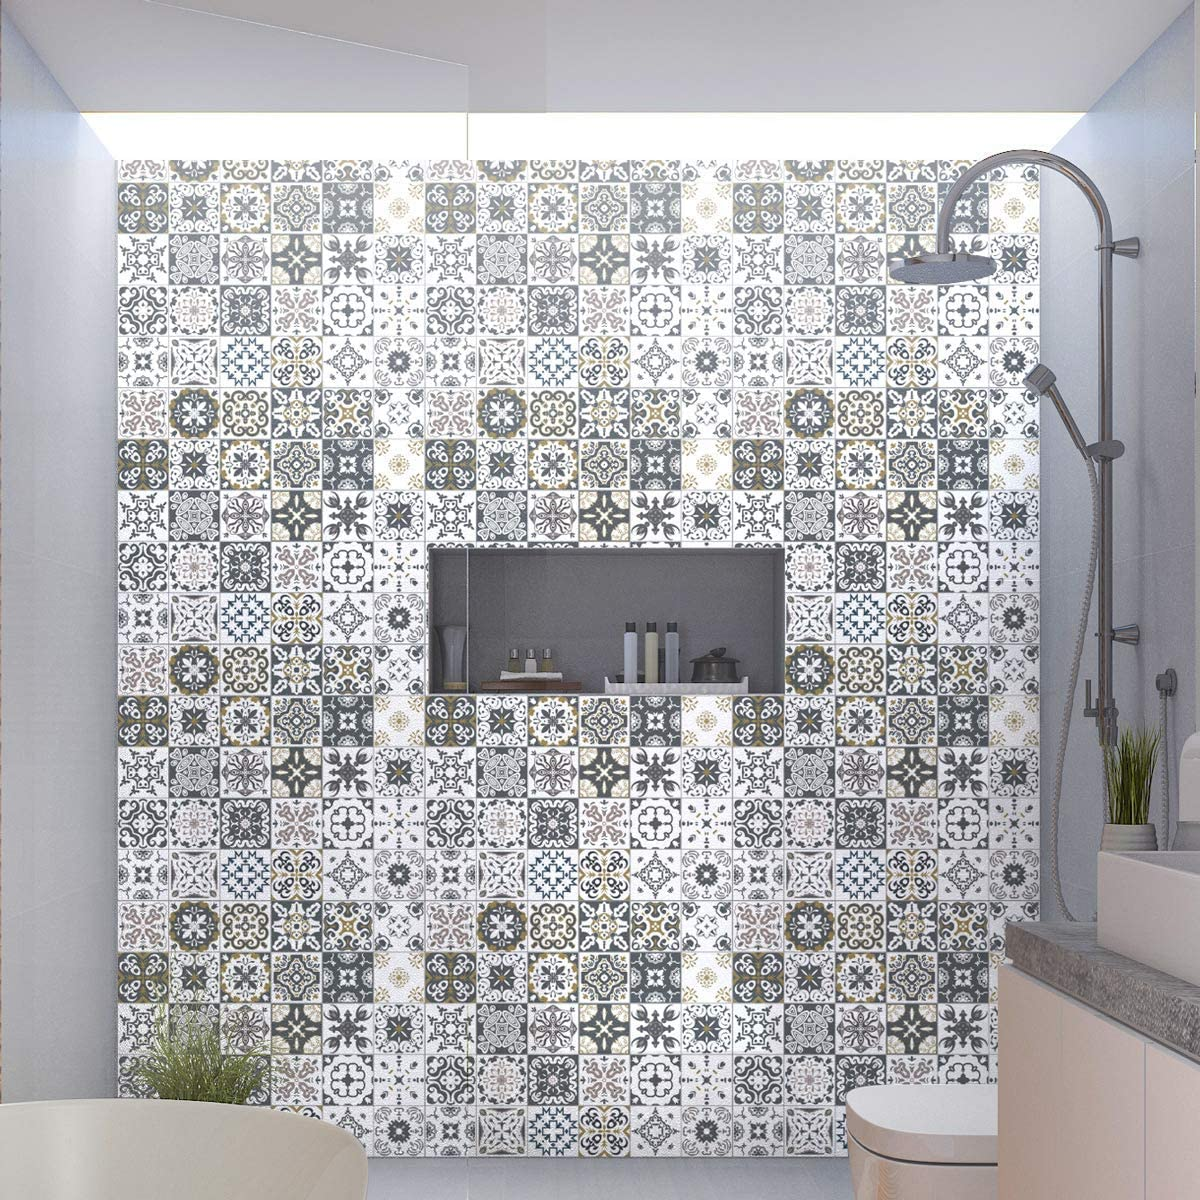 Stickers adhésifs carrelages  Sticker Autocollant Carreaux de ciment -  Mosaïque carrelage mural salle de bain et cuisine  Carreaux de ciment  adhésif